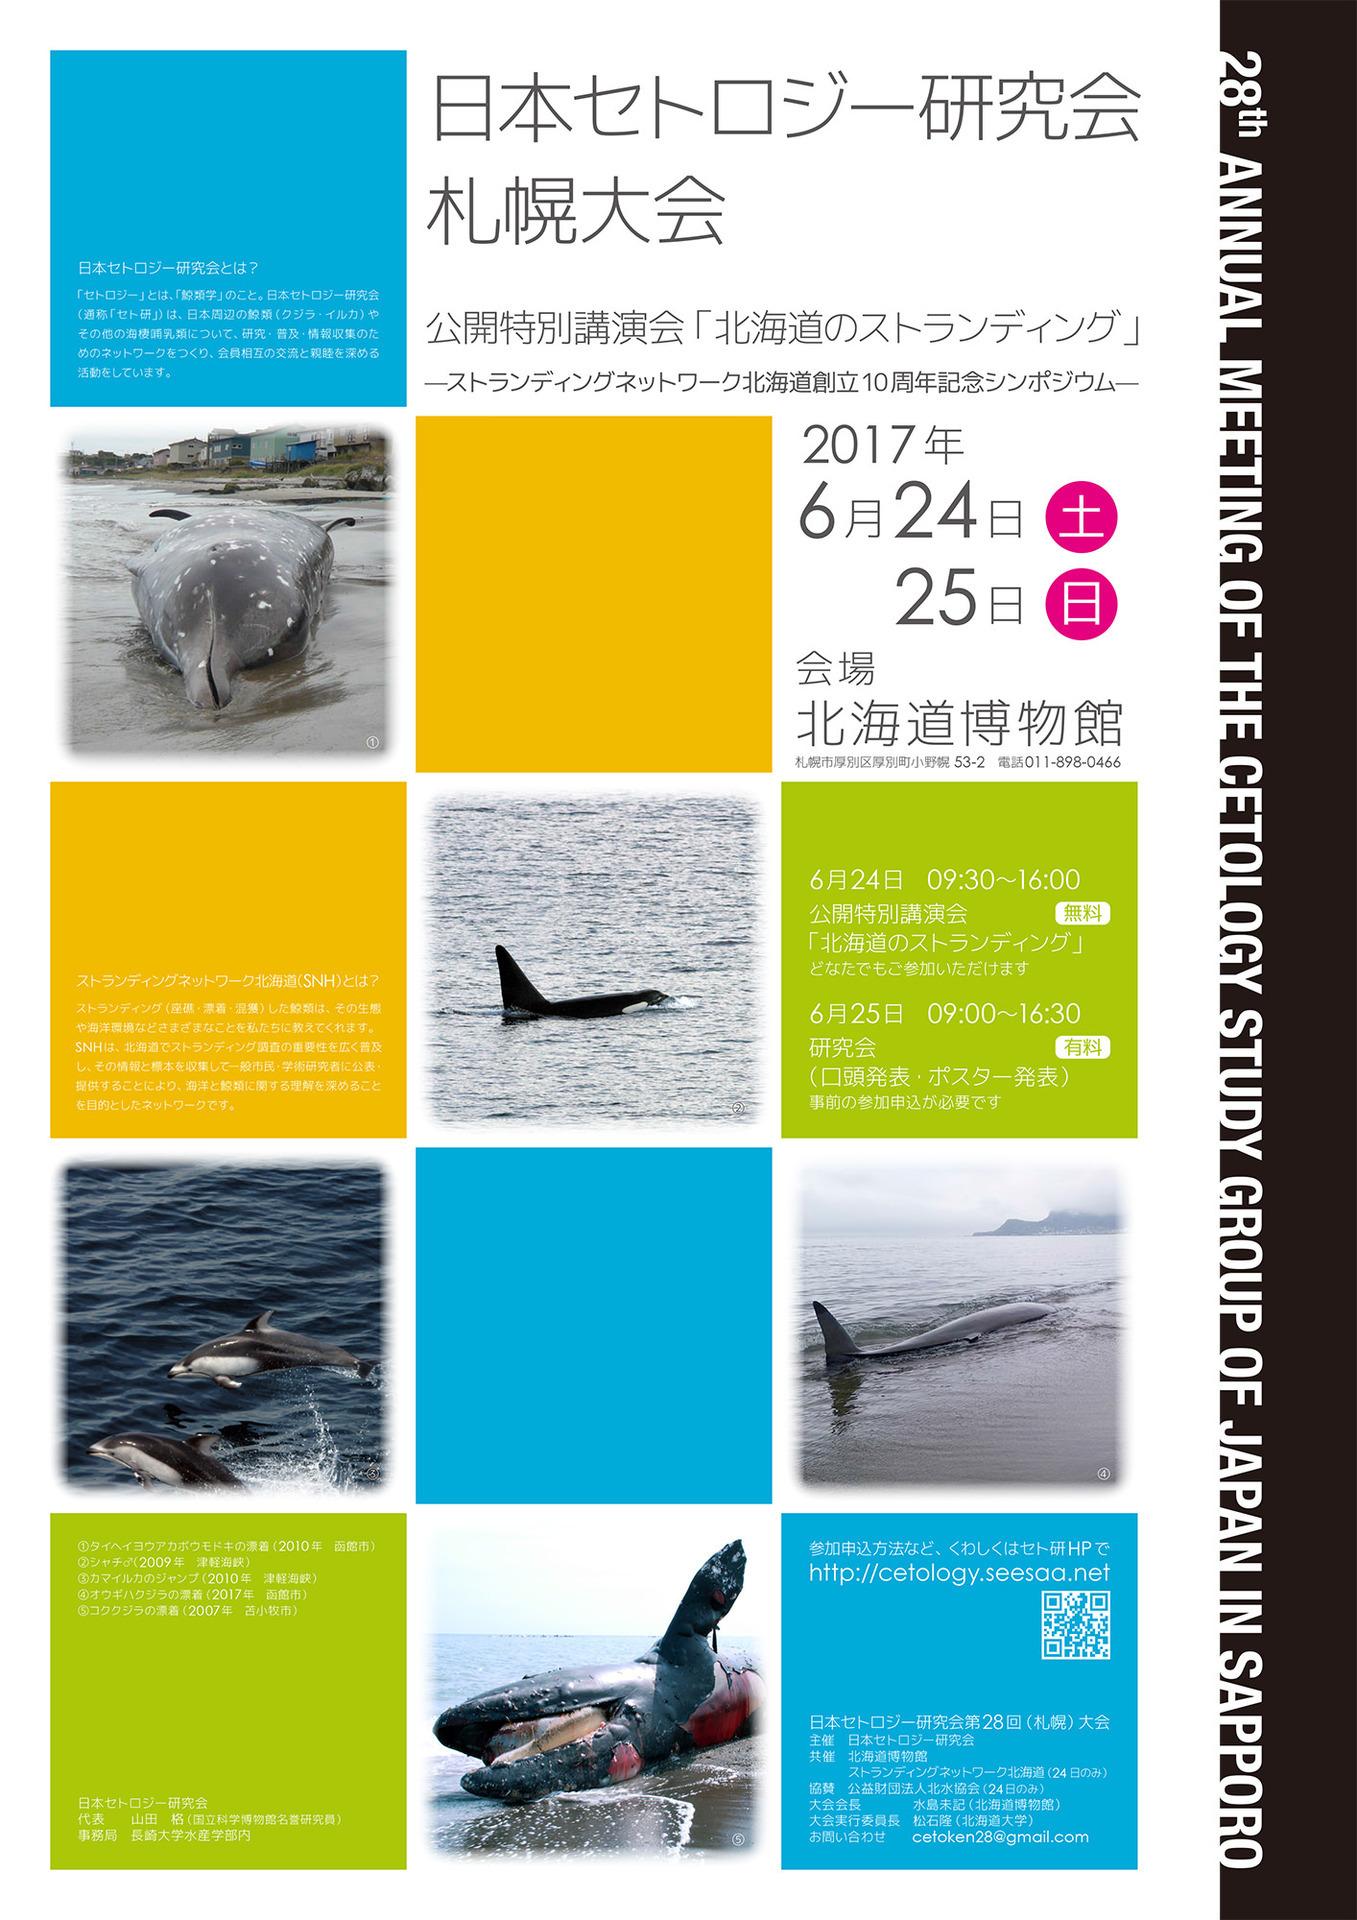 2017ceto28_sapporo_poster_S.jpg